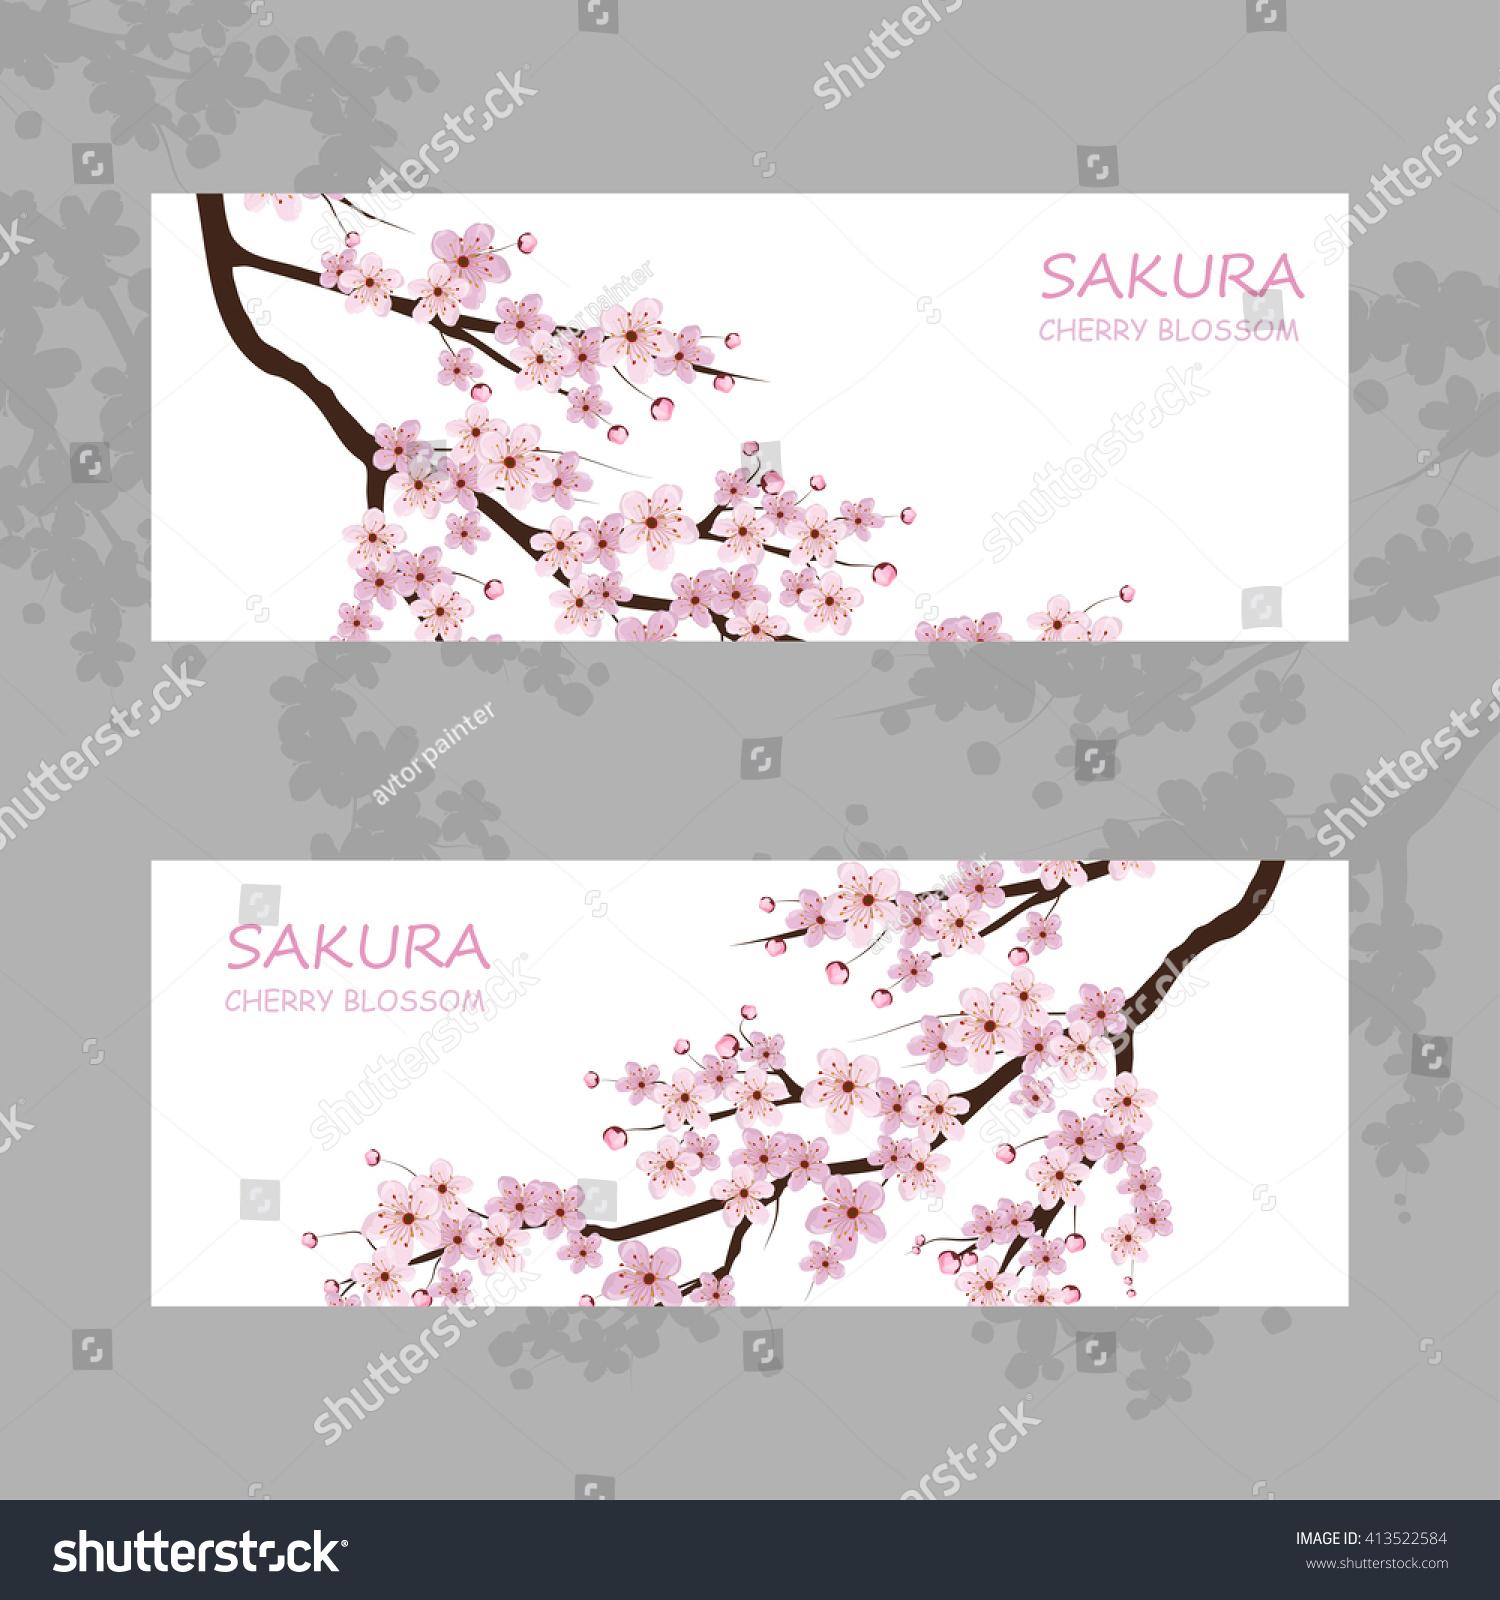 Cherry blossom pink sakura flowers stock vector 413522584 cherry blossom pink sakura flowers dhlflorist Images